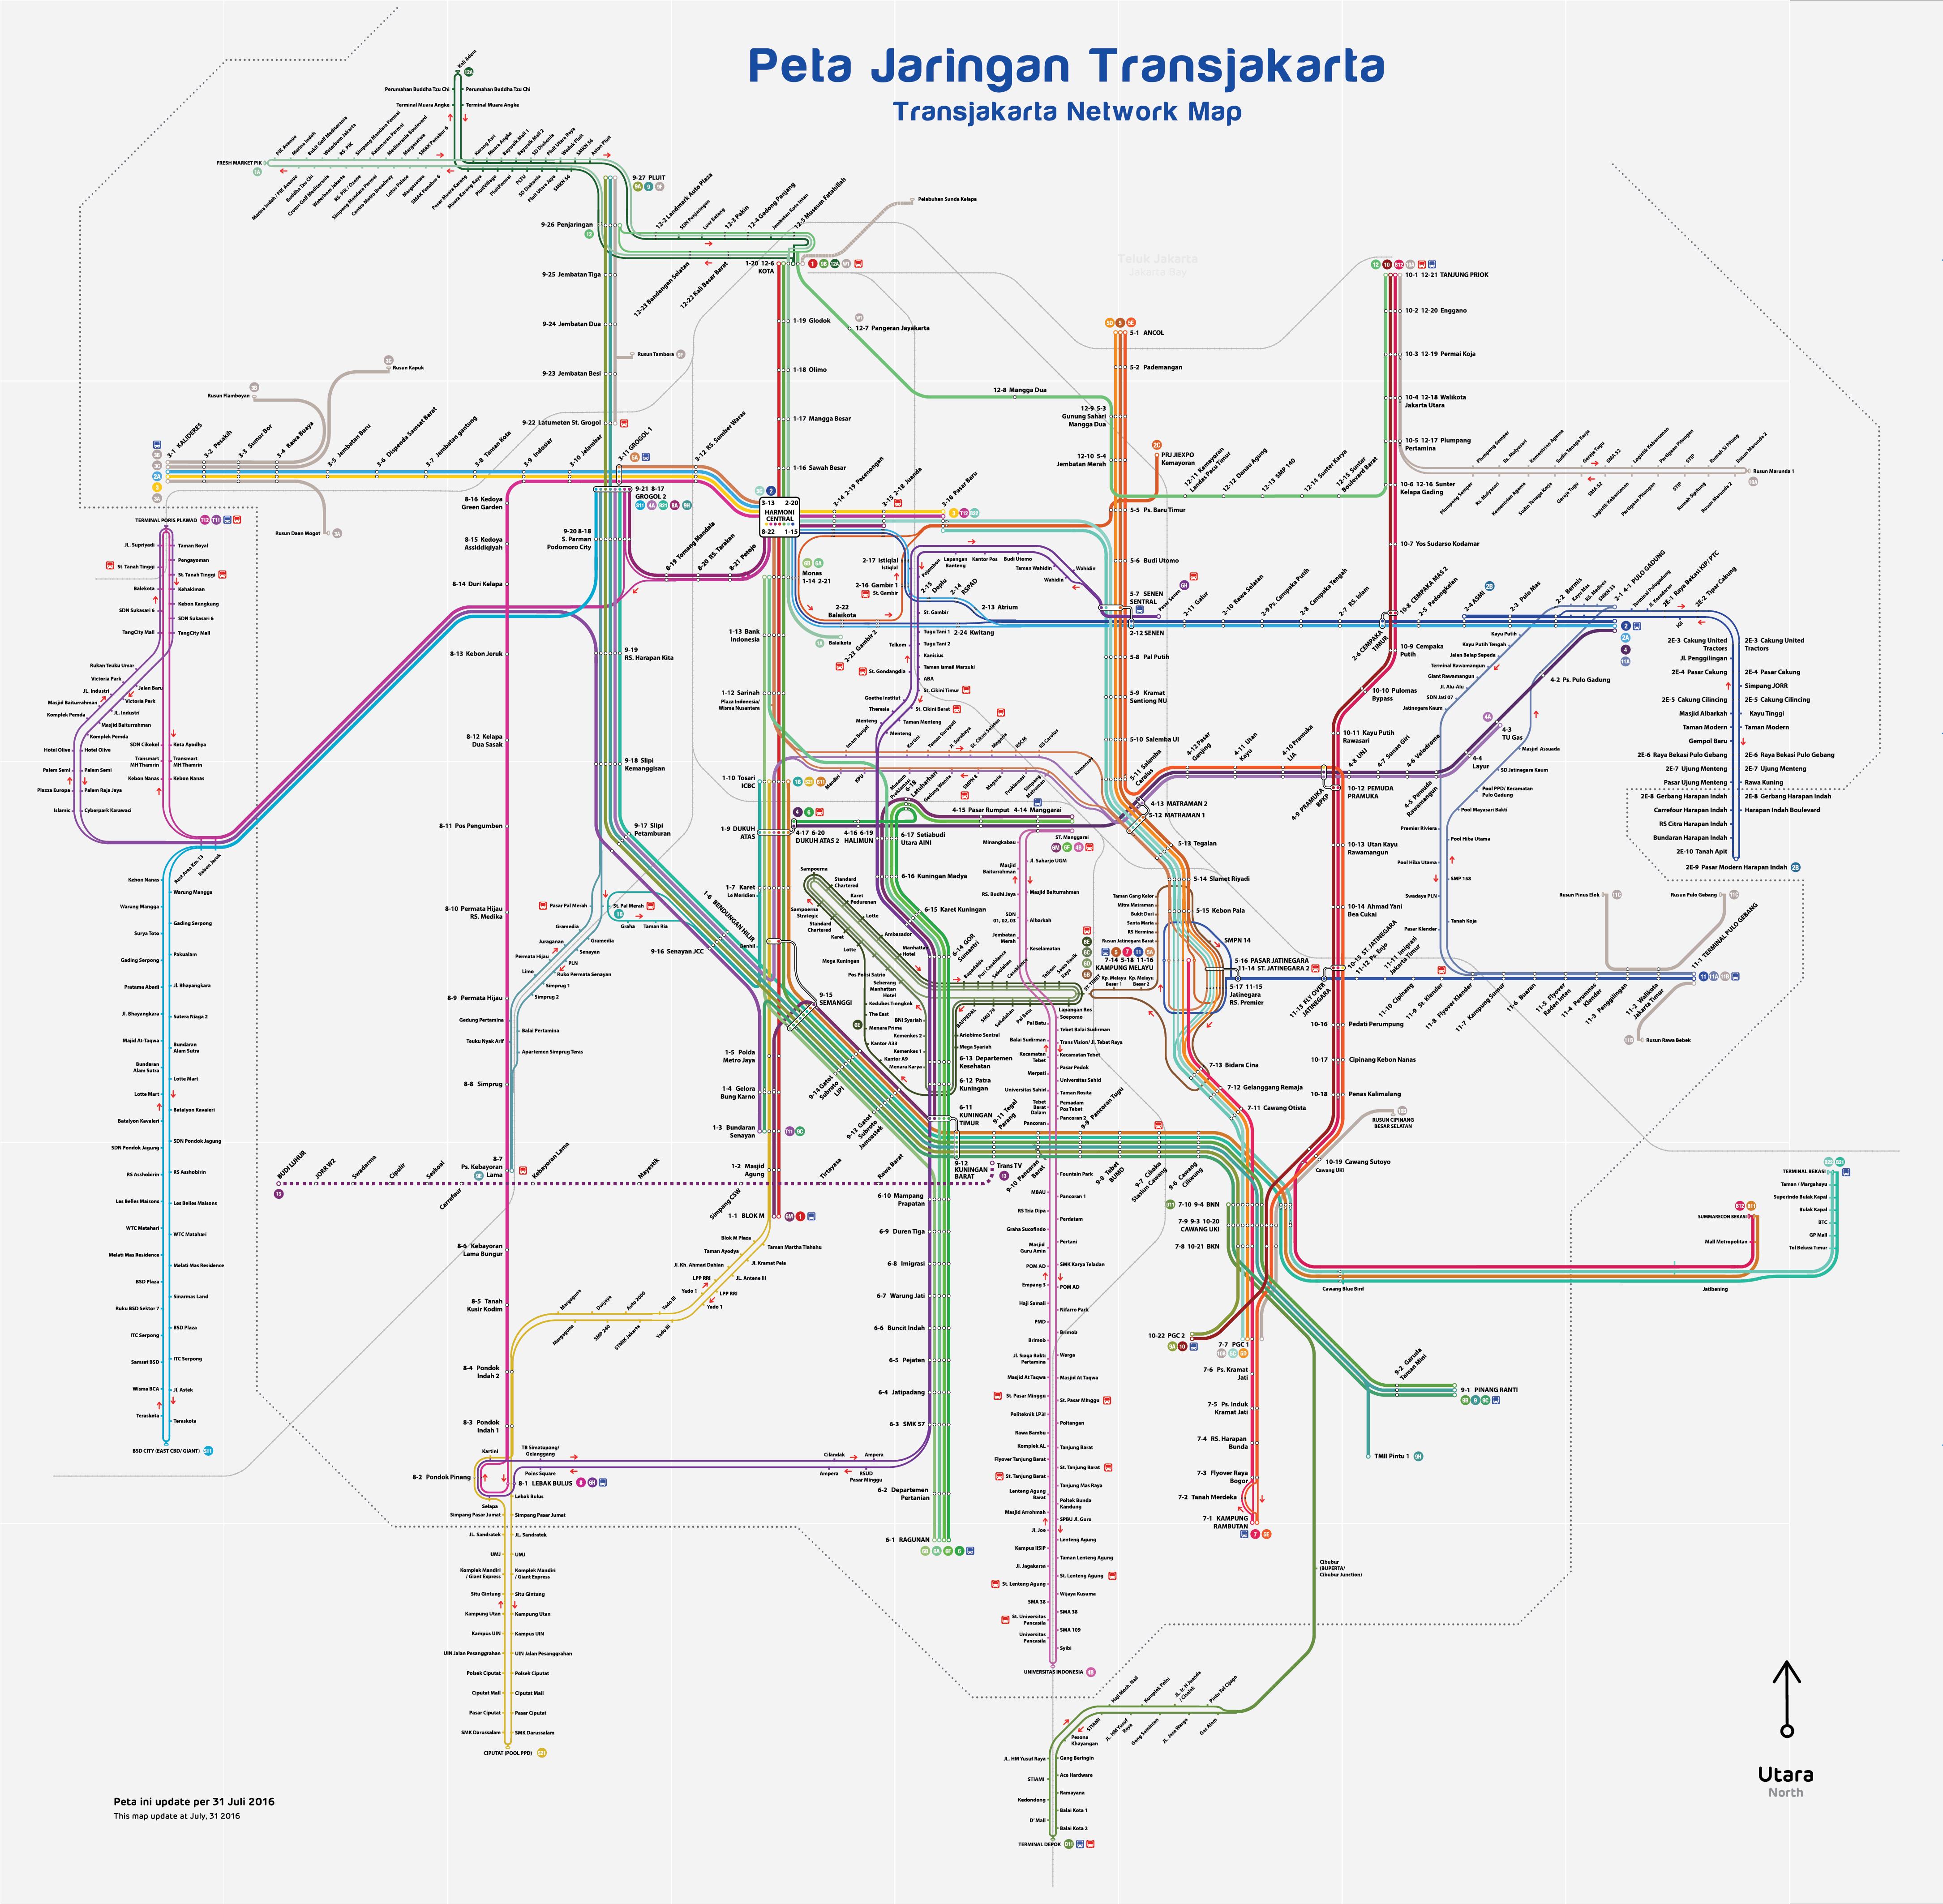 Peta transjakarta